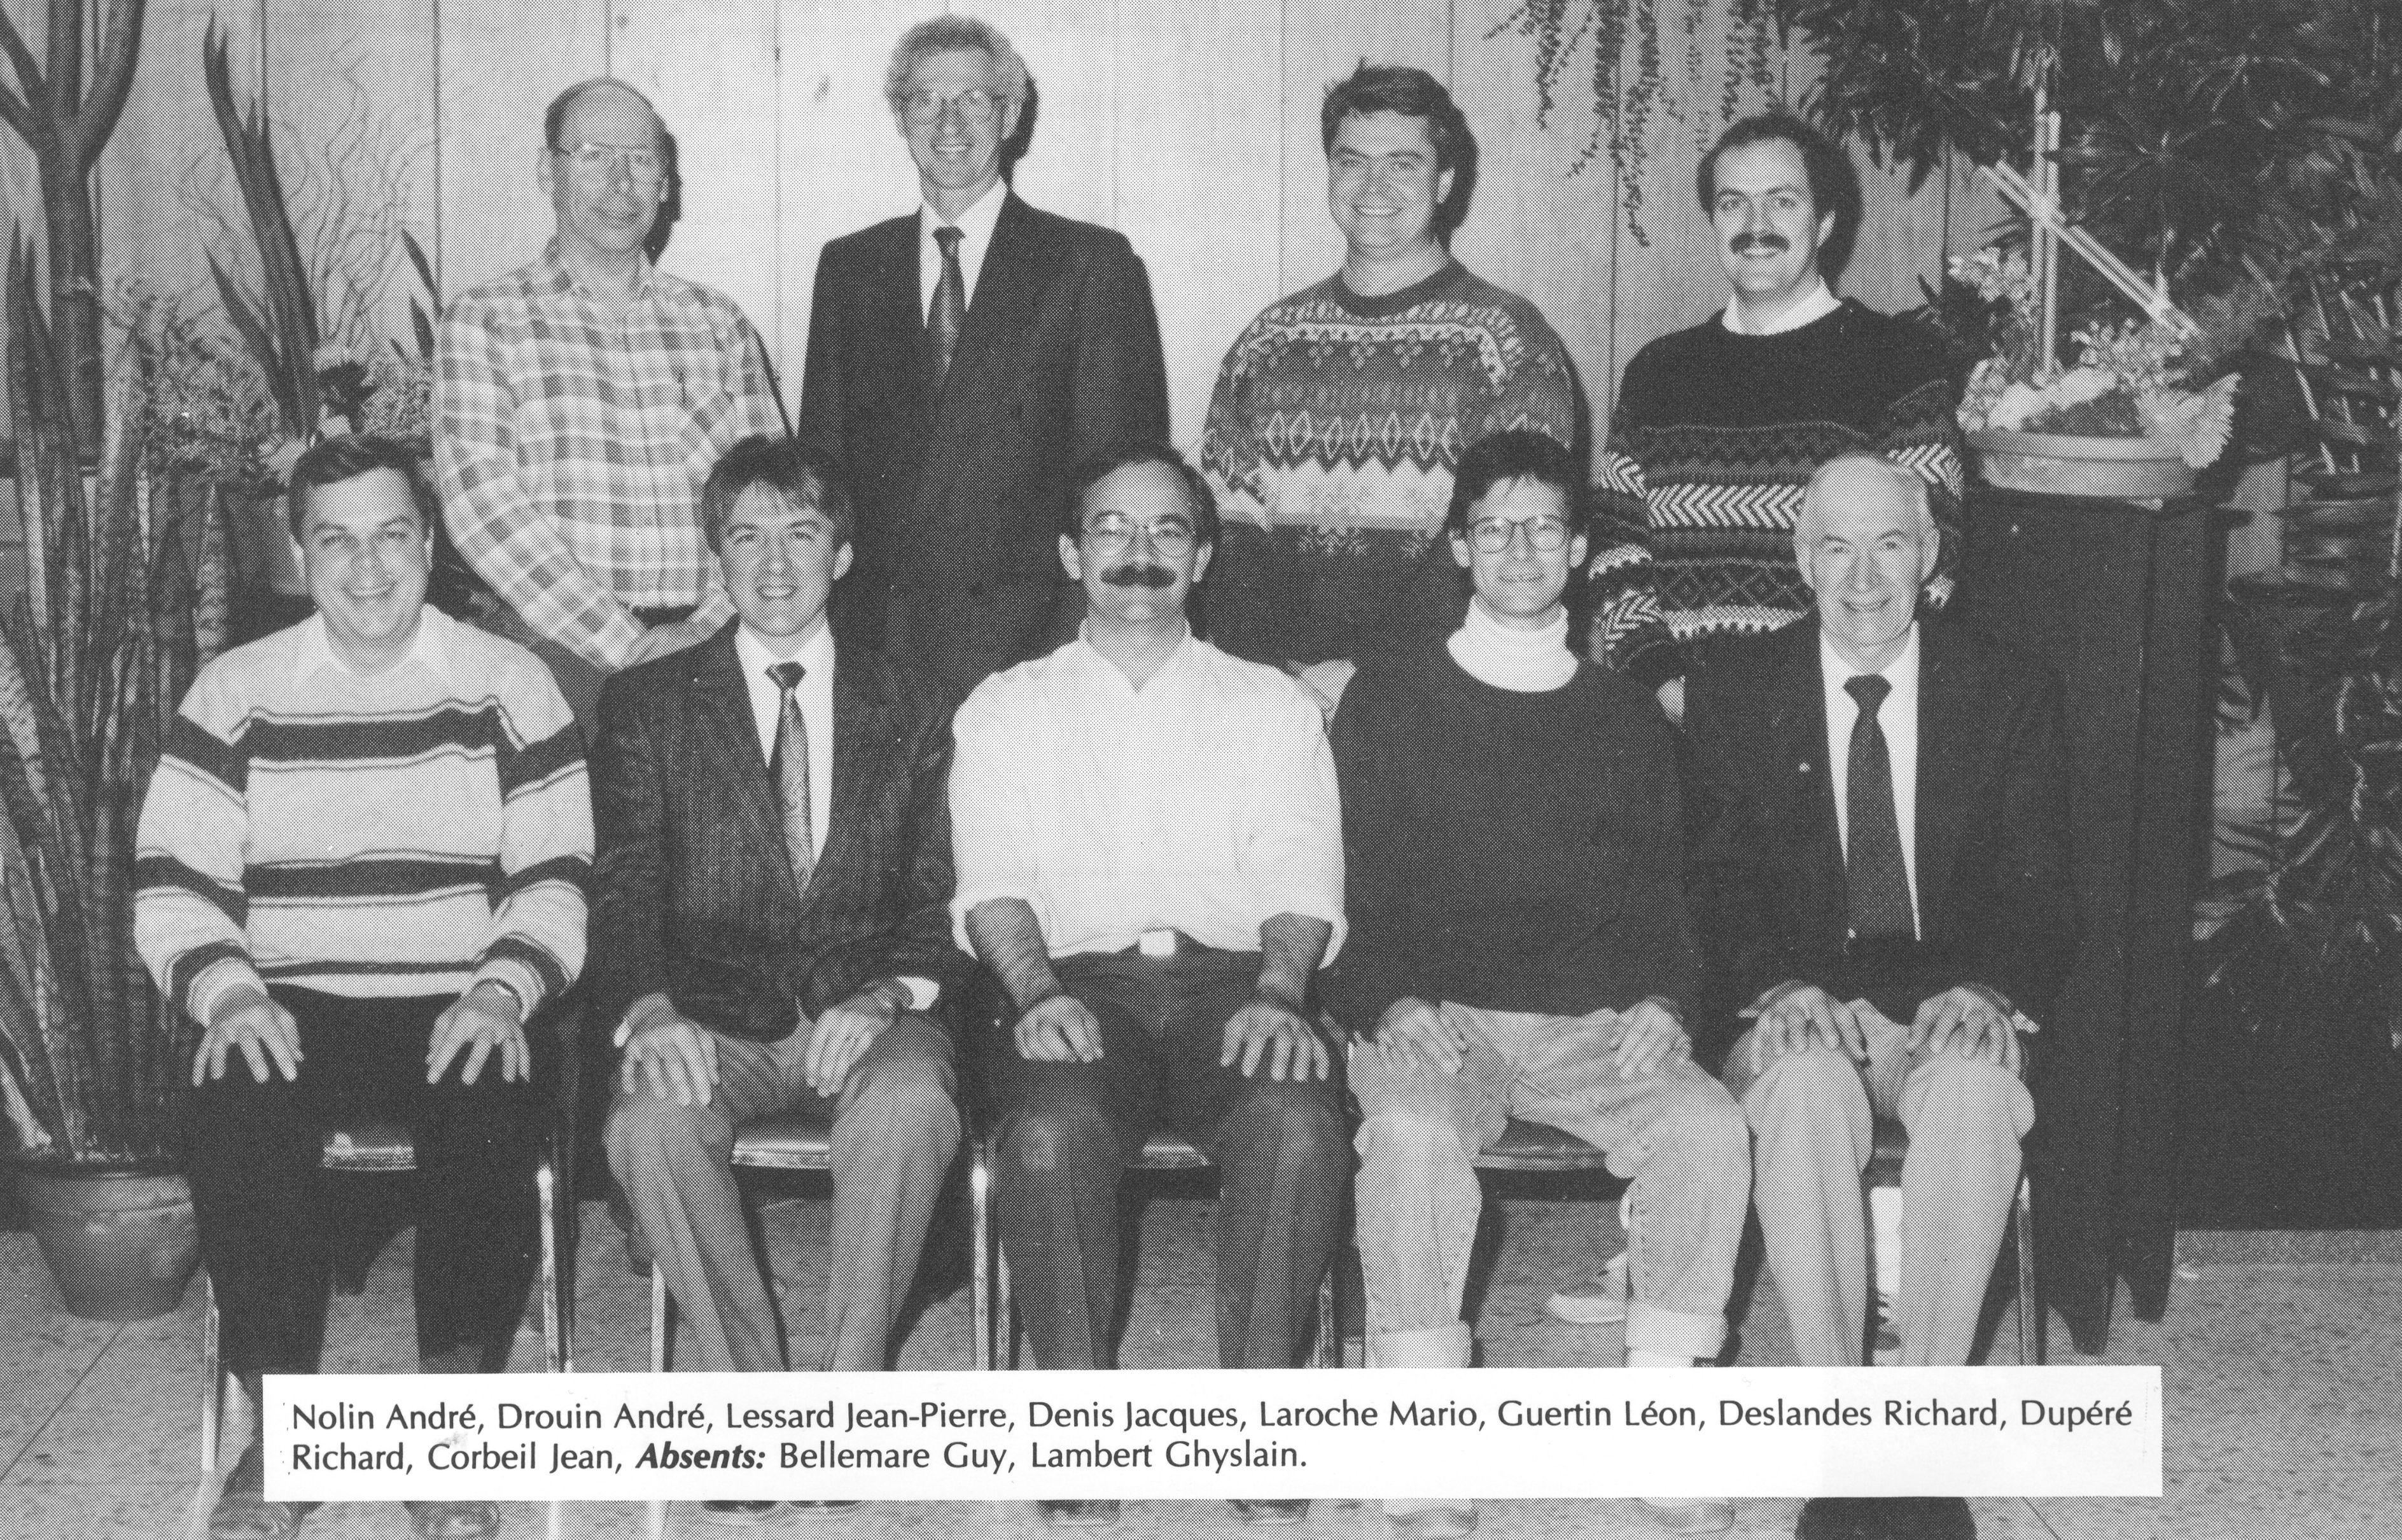 1994-Genie Rural-André Nolin-André Drouin-Jean-Pierre Lessard-Jacques Denis-Mario Laroche-Léon Gu